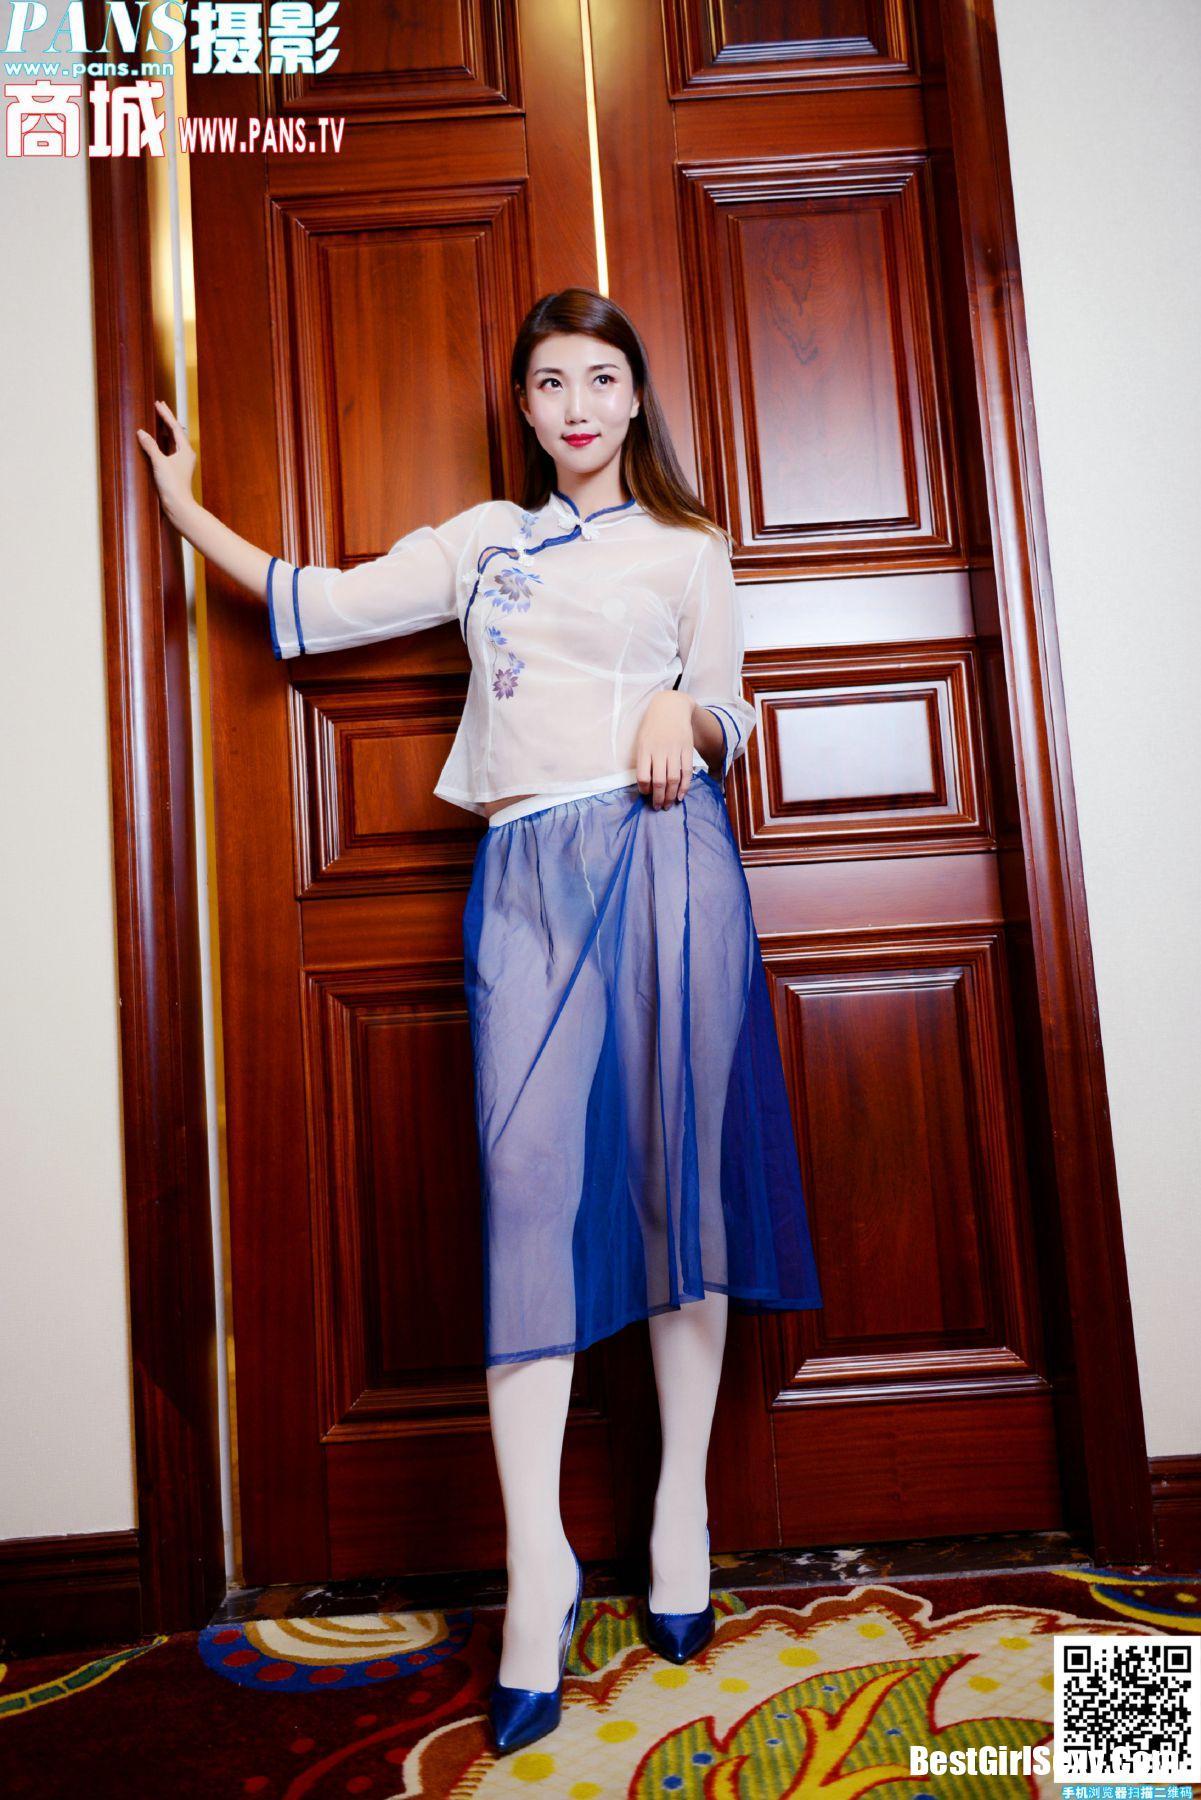 小青, Xiao Qing, PANS写真 No.1321 Xiao Qing, PANS写真 No.1321